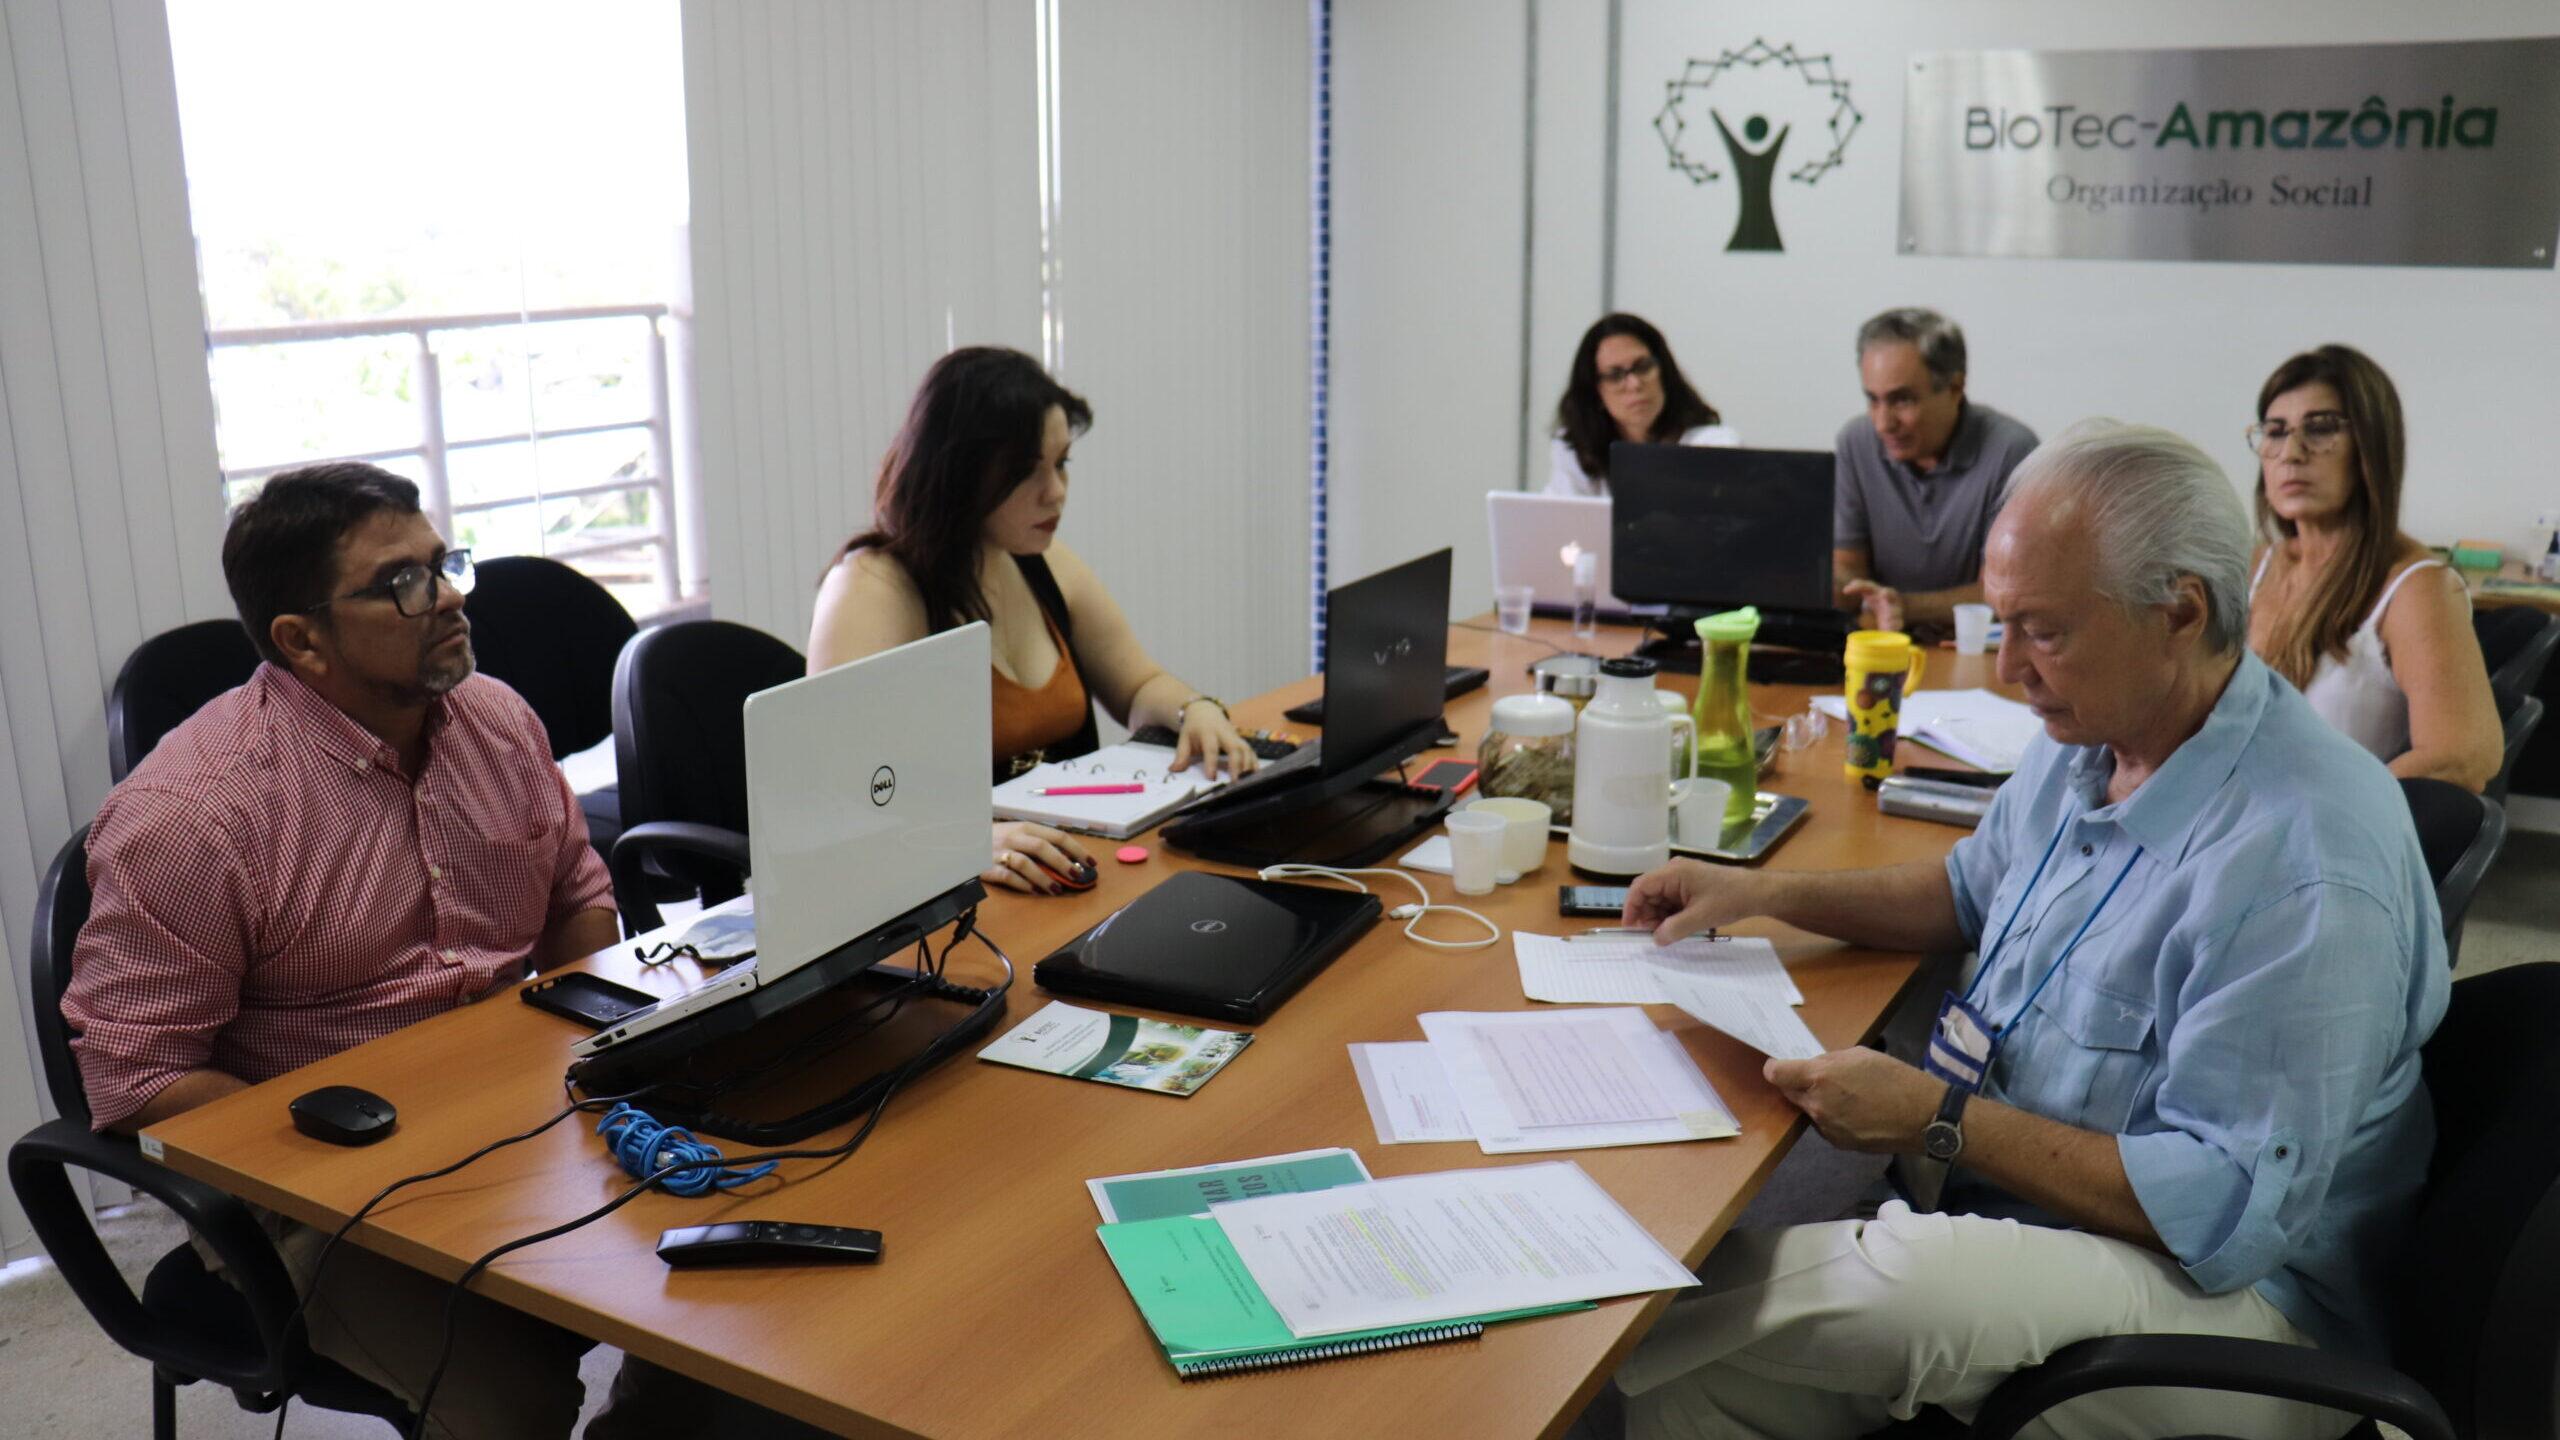 Carteira CDR/Pará (RMB) seleciona 65 projetos de pesquisa